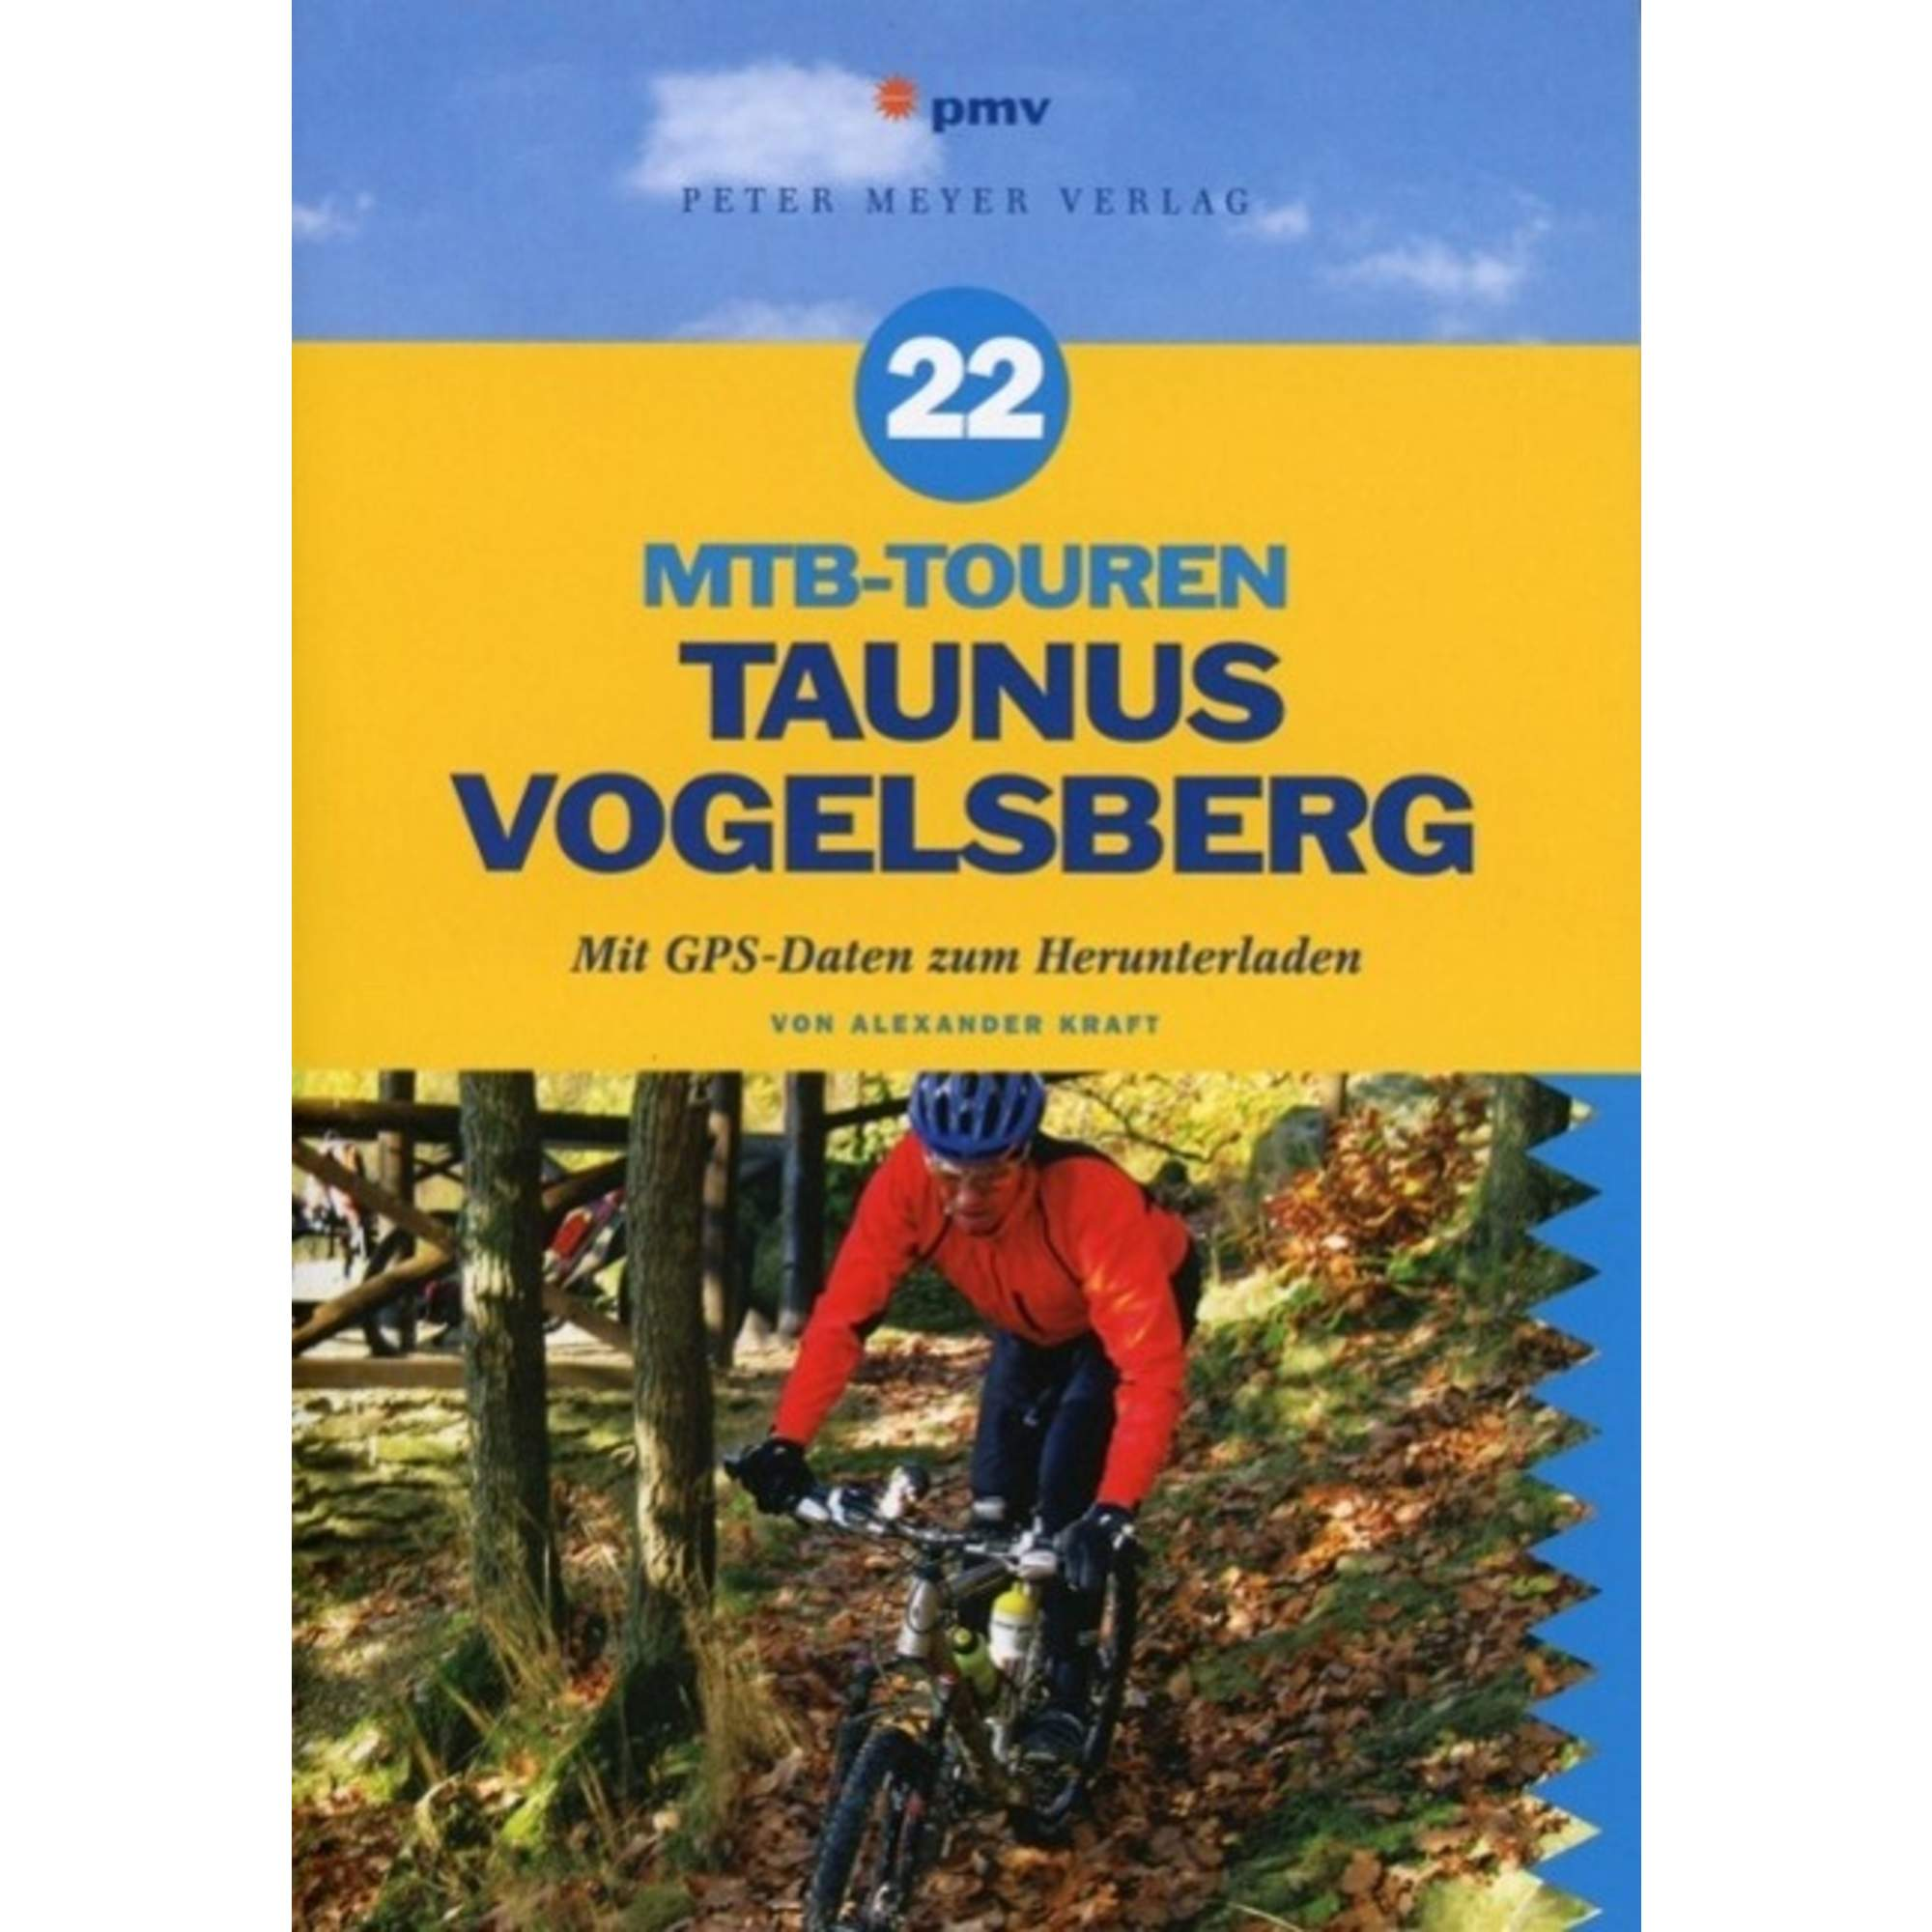 22 MTB-Touren Taunus Vogelsberg, 18,00 Euro